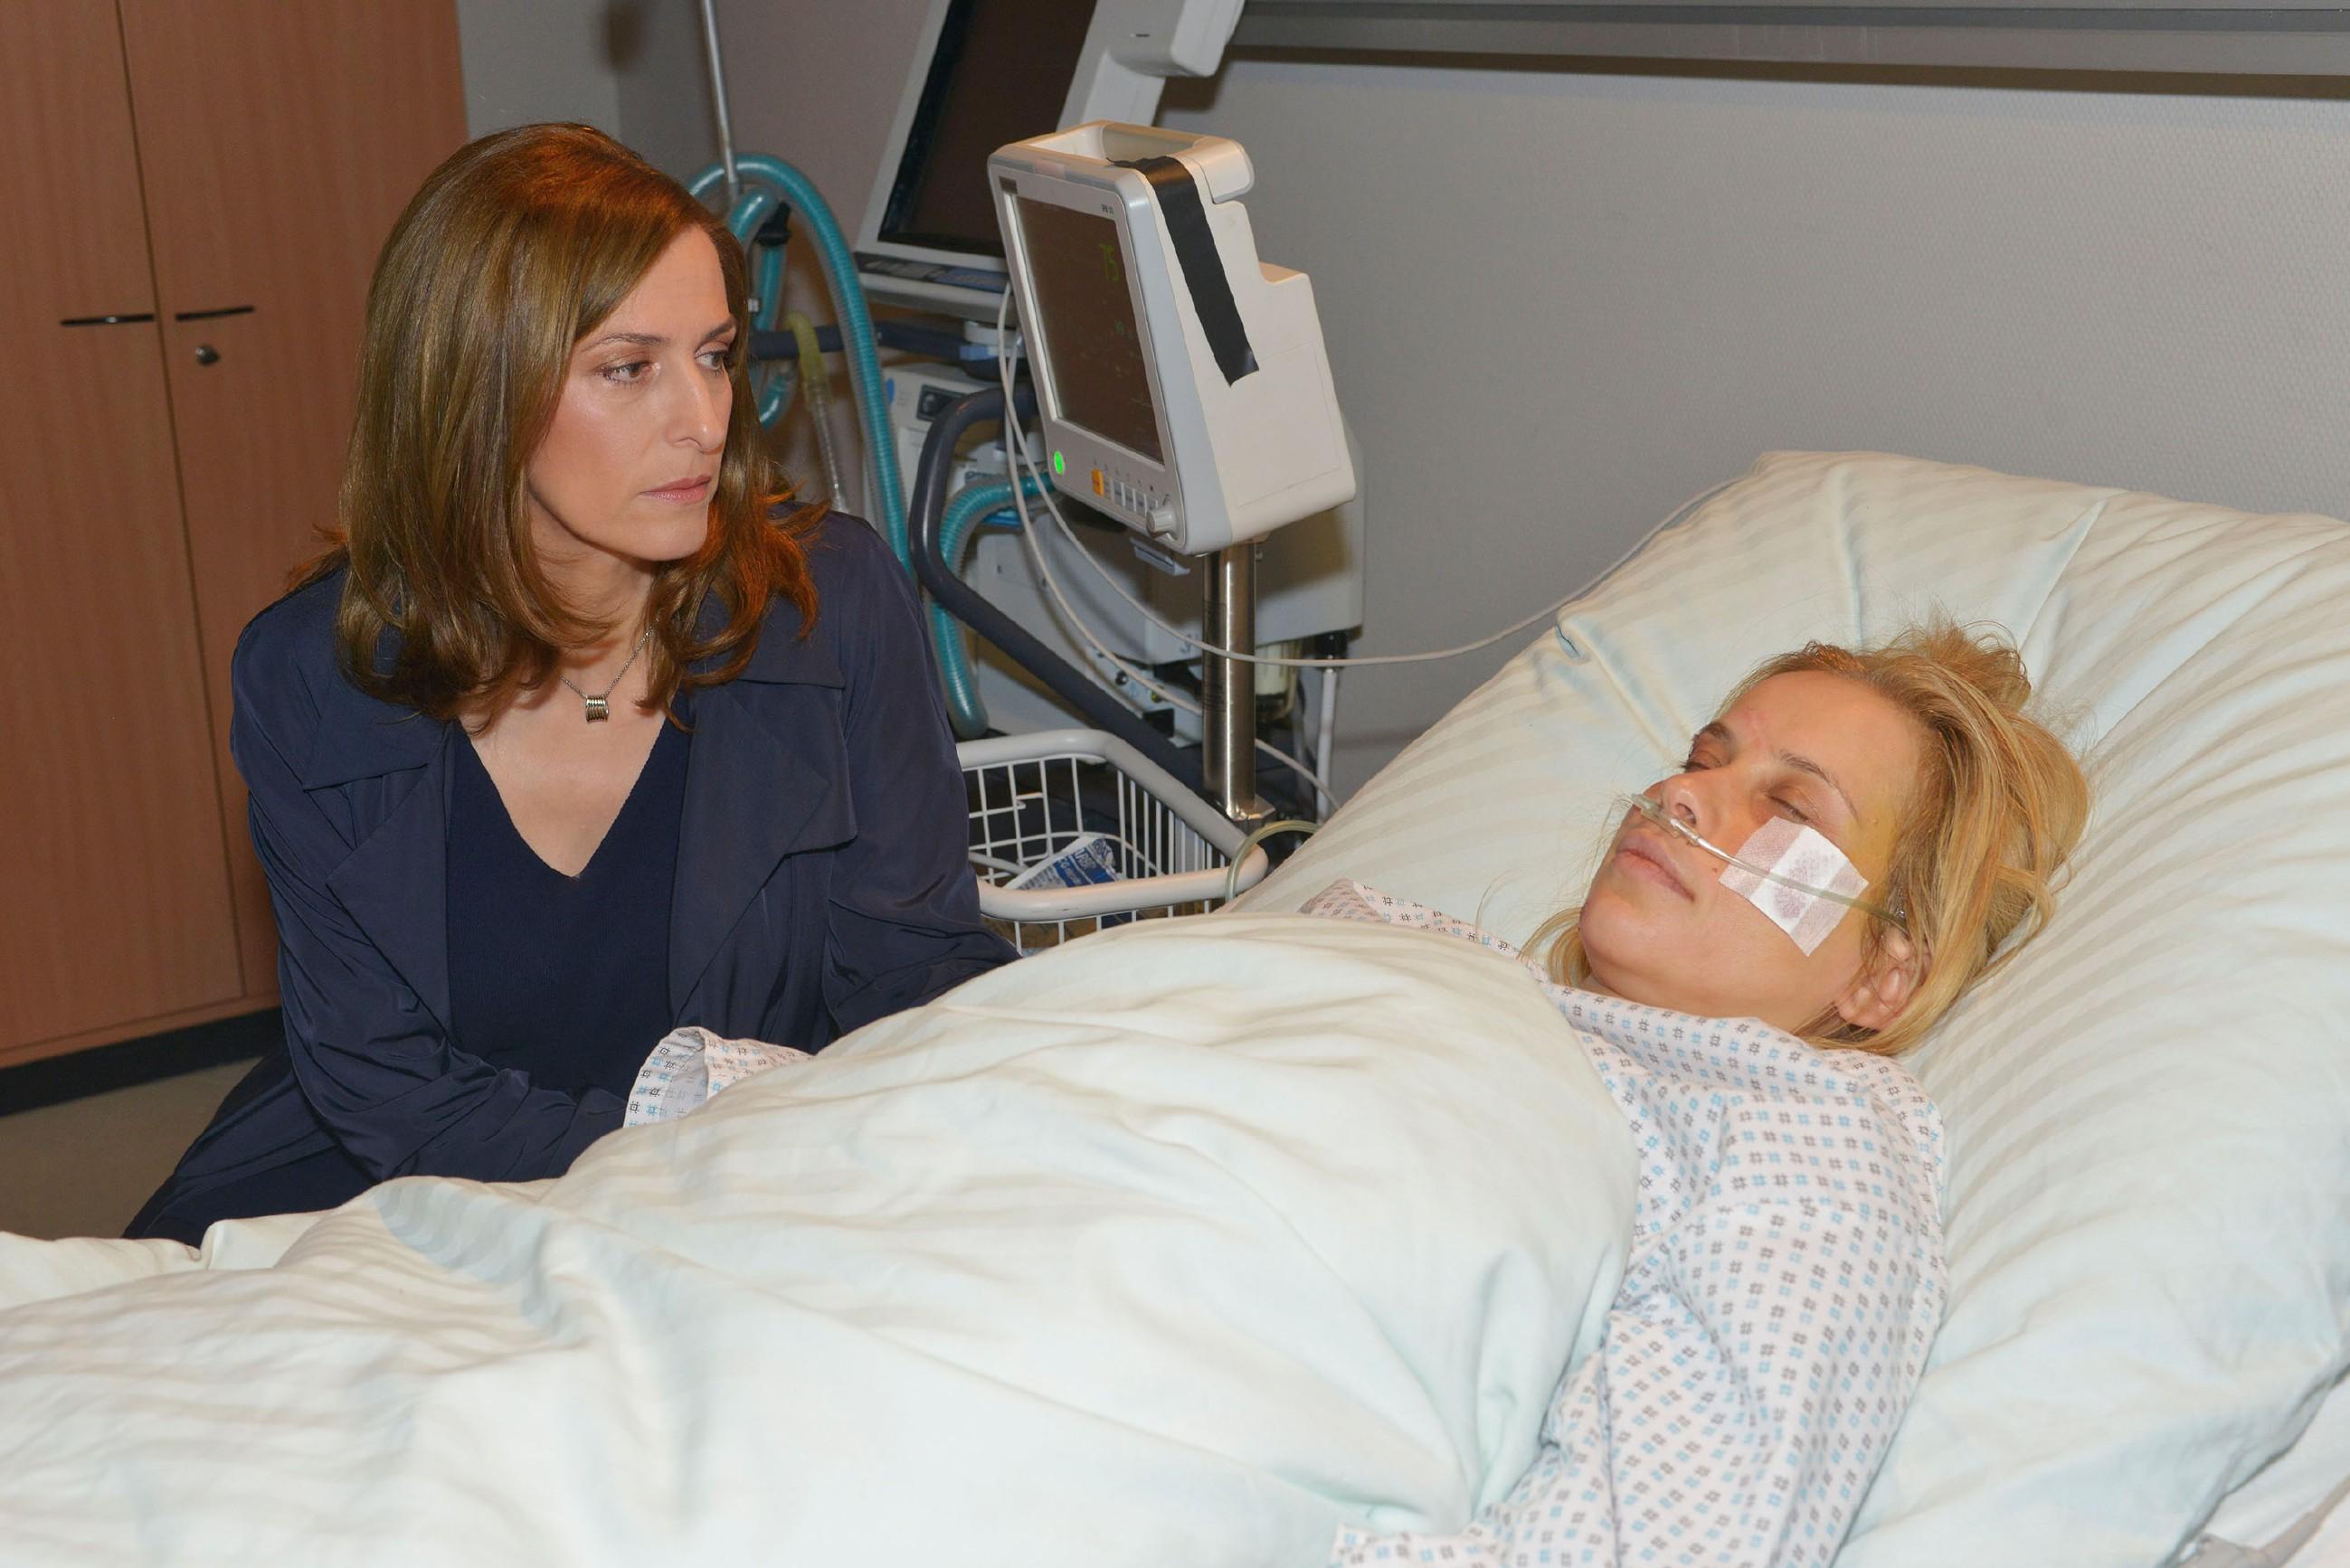 Katrin (Ulrike Frank, l.) bangt um das Leben ihrer Schwester Anna (Suzanne Kockat), die nach einem Unfall komatös im Krankenhaus liegt. (Quelle: RTL / Rolf Baumgartner)